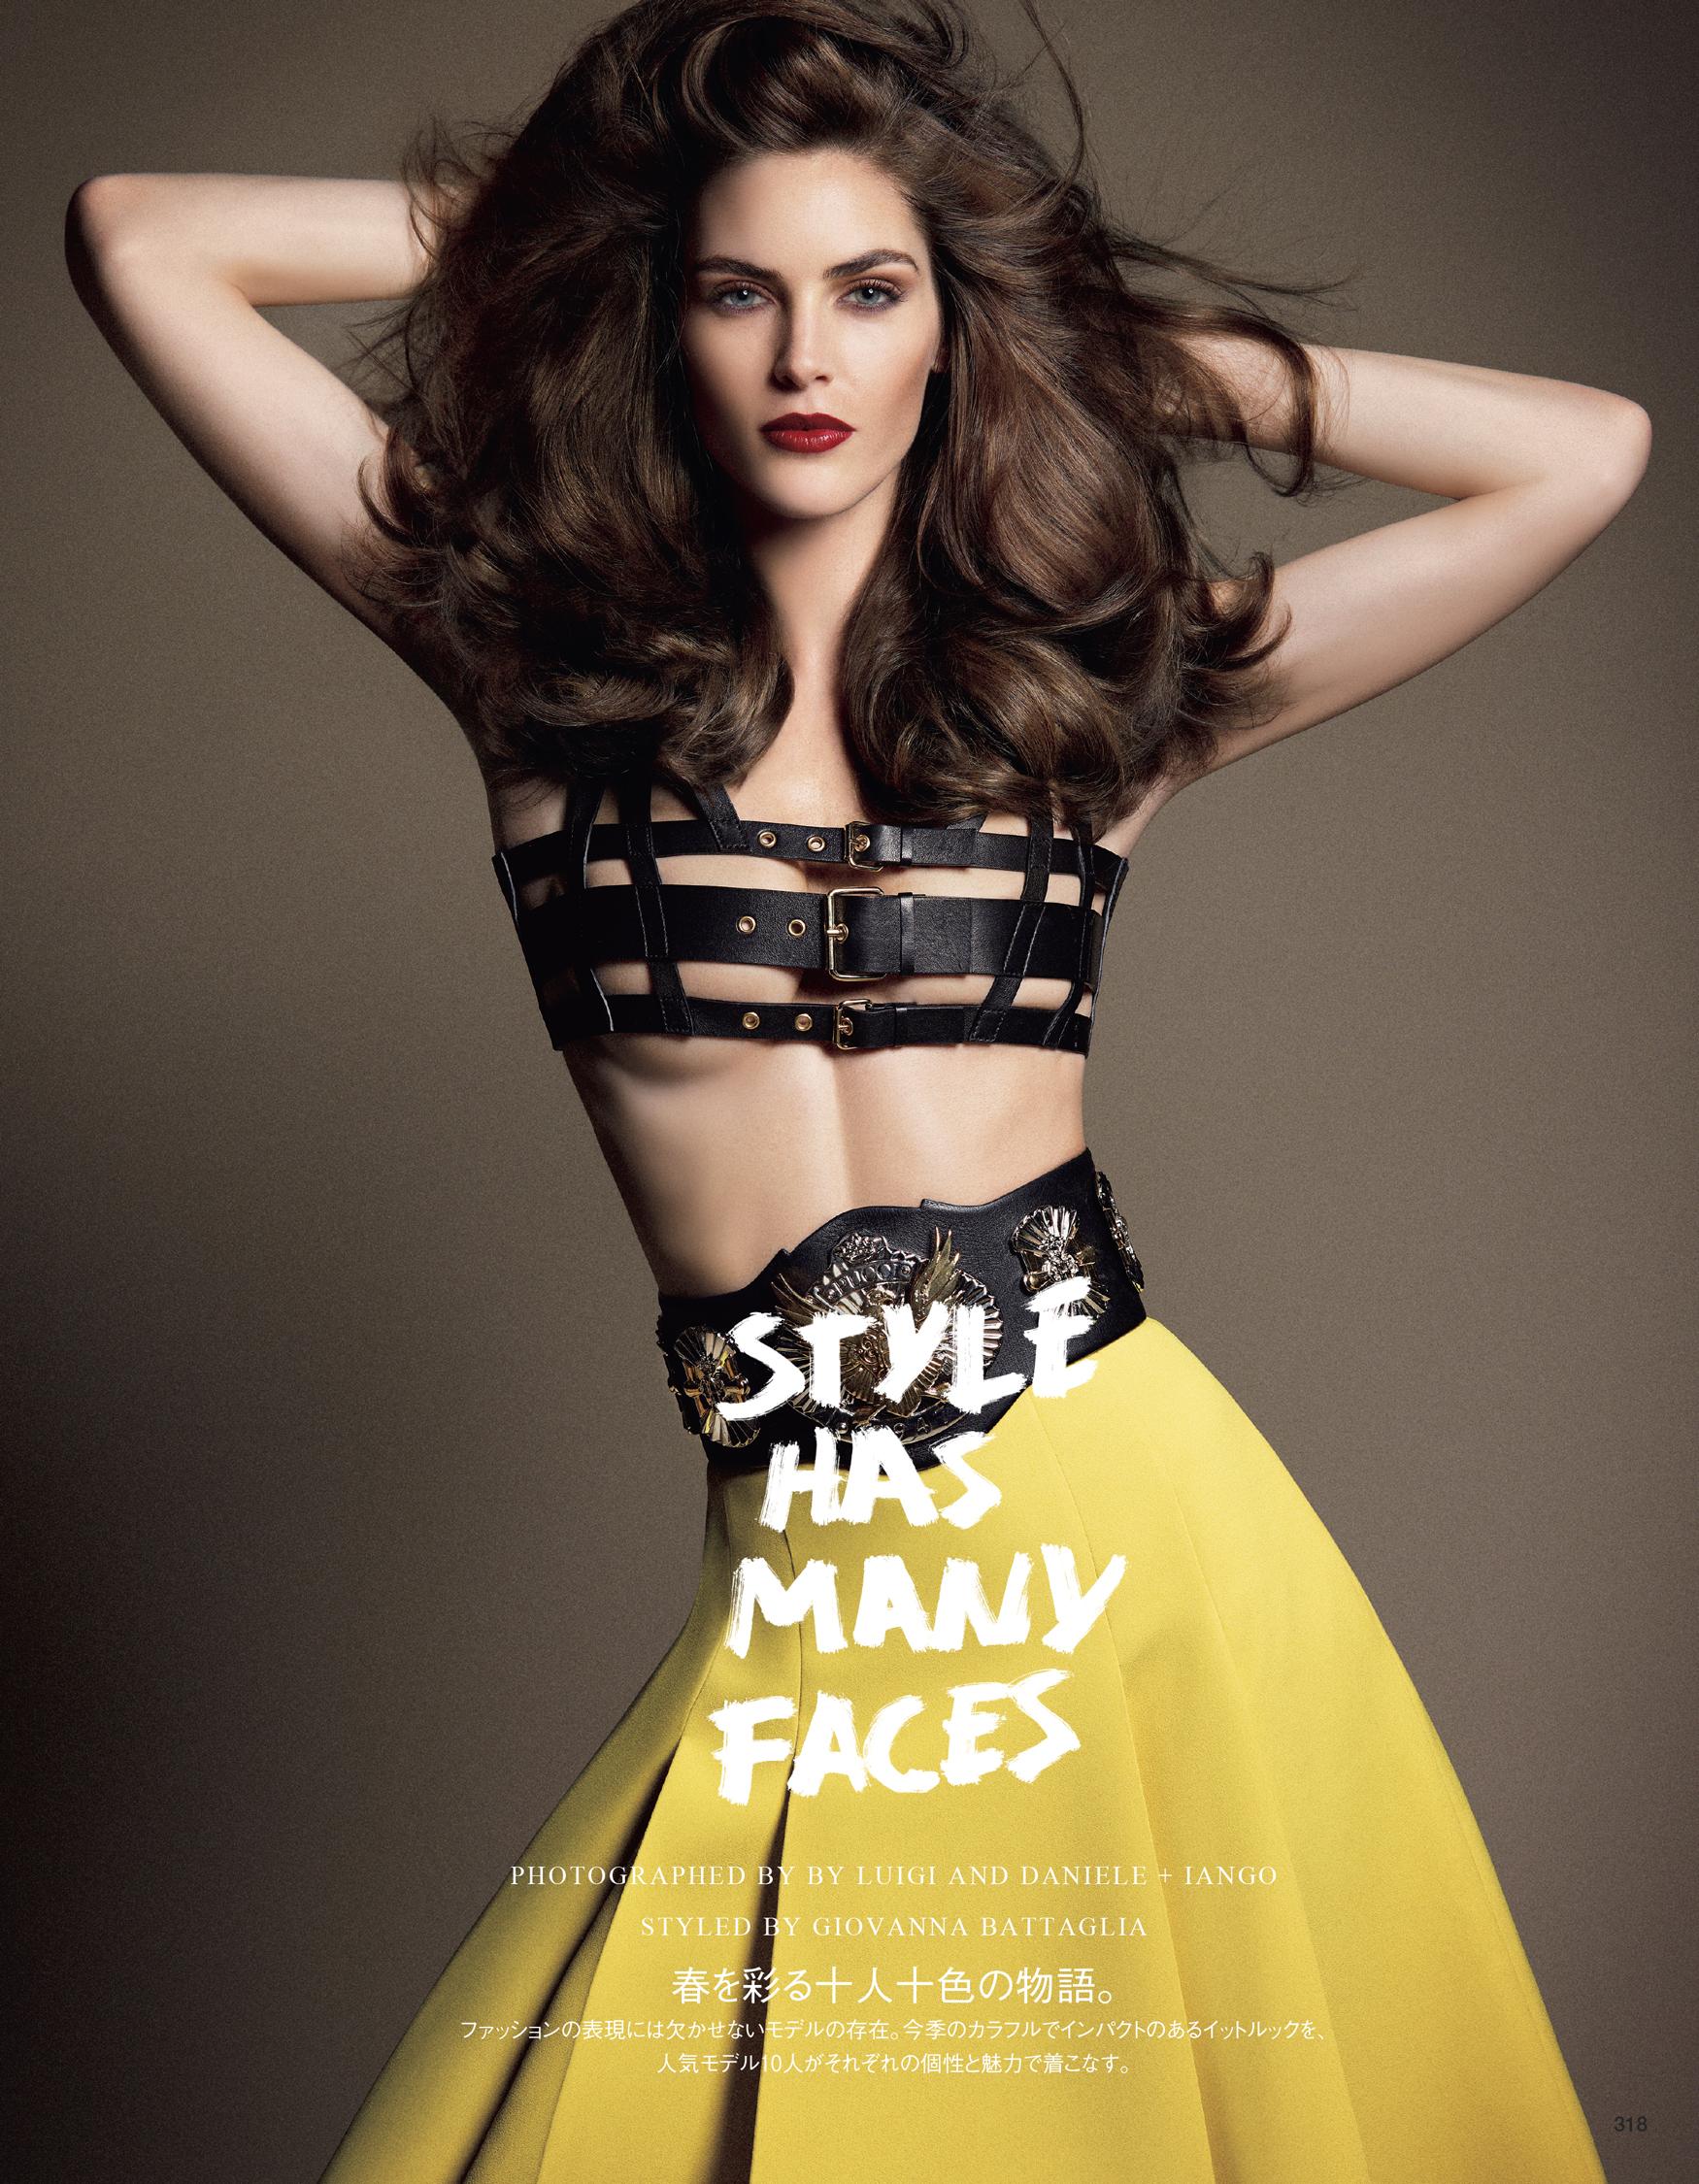 Giovanna-Battaglia-1-Style-Has-Many-Faces-Vogue-Japan-Daniele-Duella-Iango-Henzi.jpg